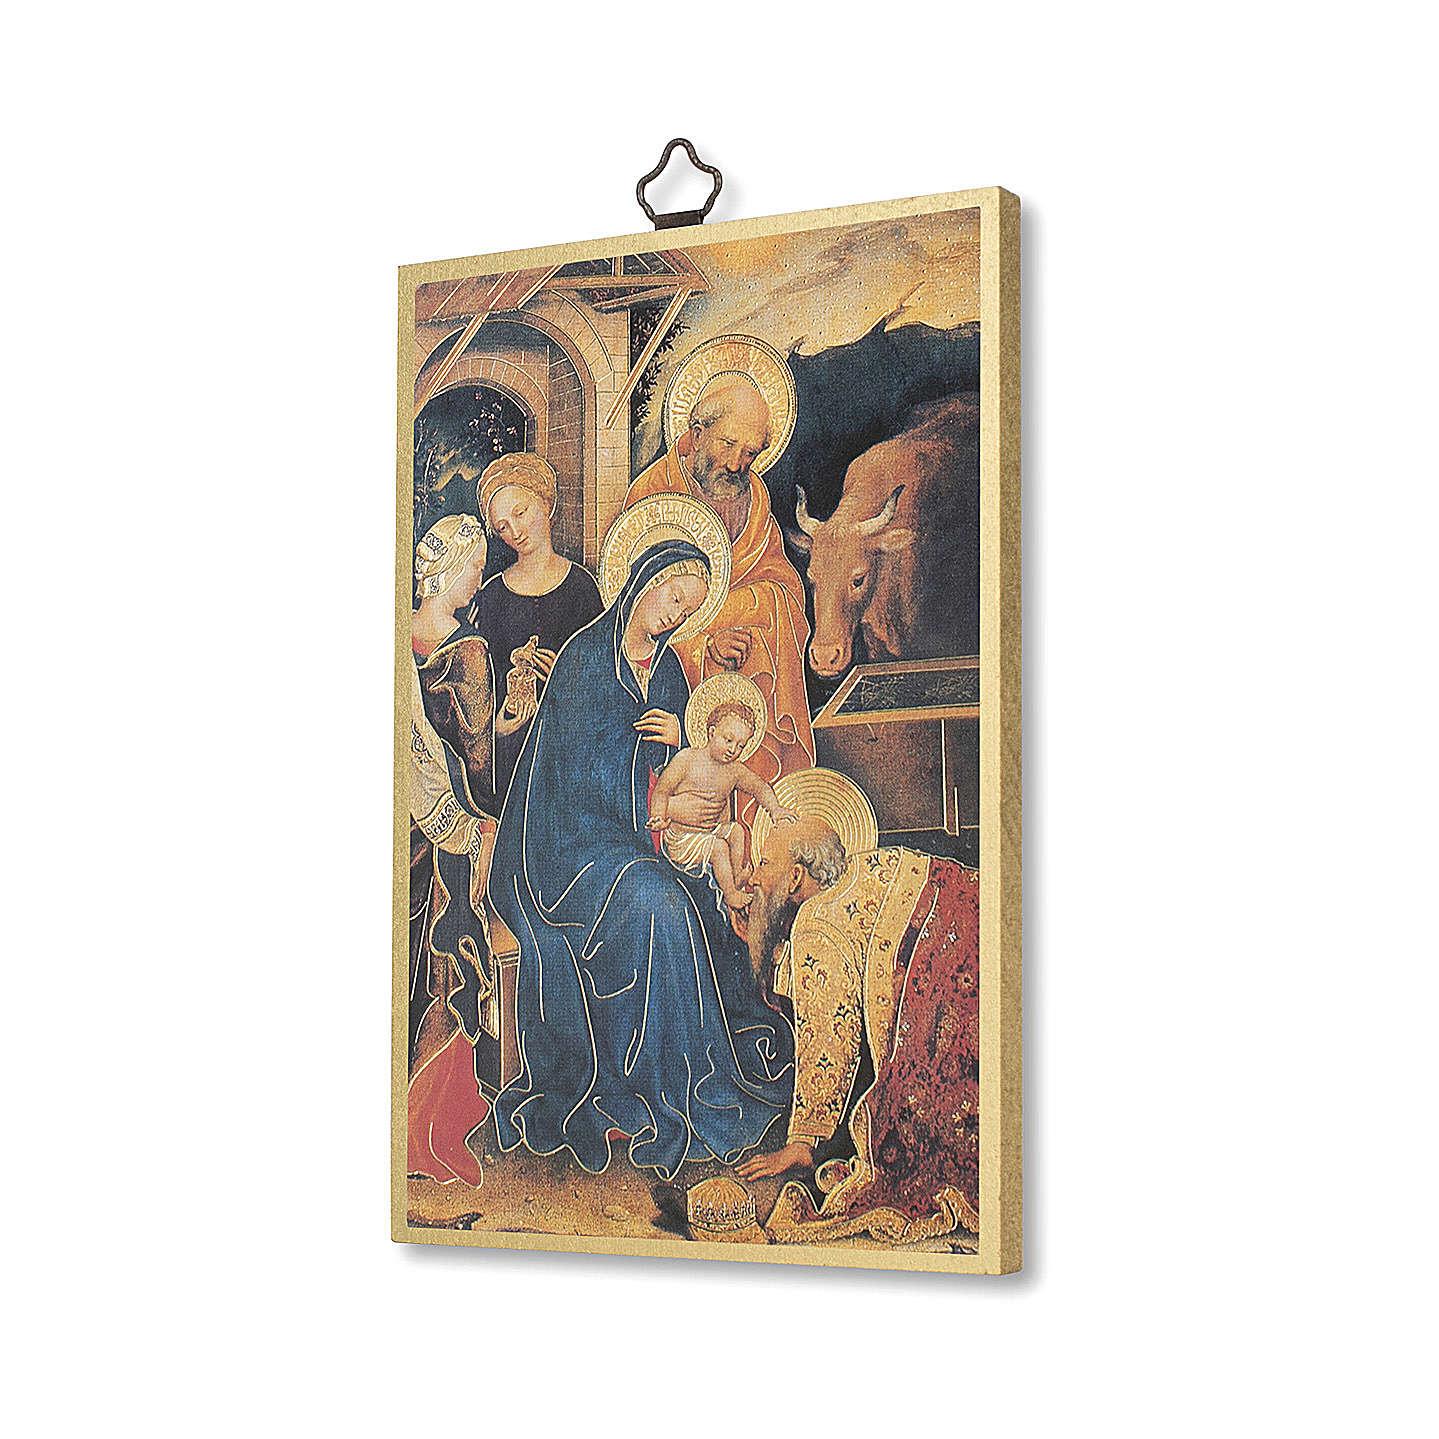 Stampa su legno Adorazione Magi di Gentile da Fabriano Tu Scendi dalle Stelle ITA 3